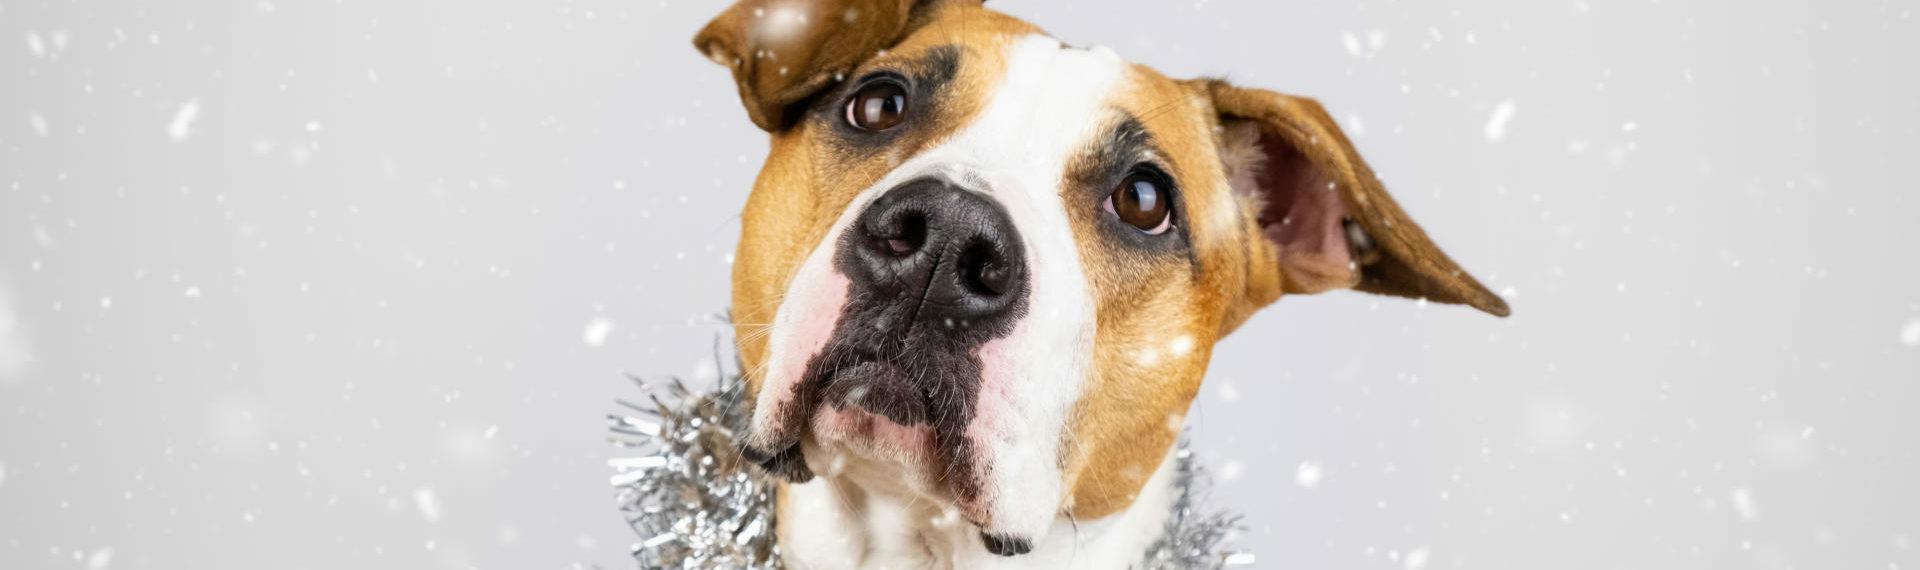 Nytår – Sådan hjælper du din hund » Læs mere her  Dyrlægehuset Kolding